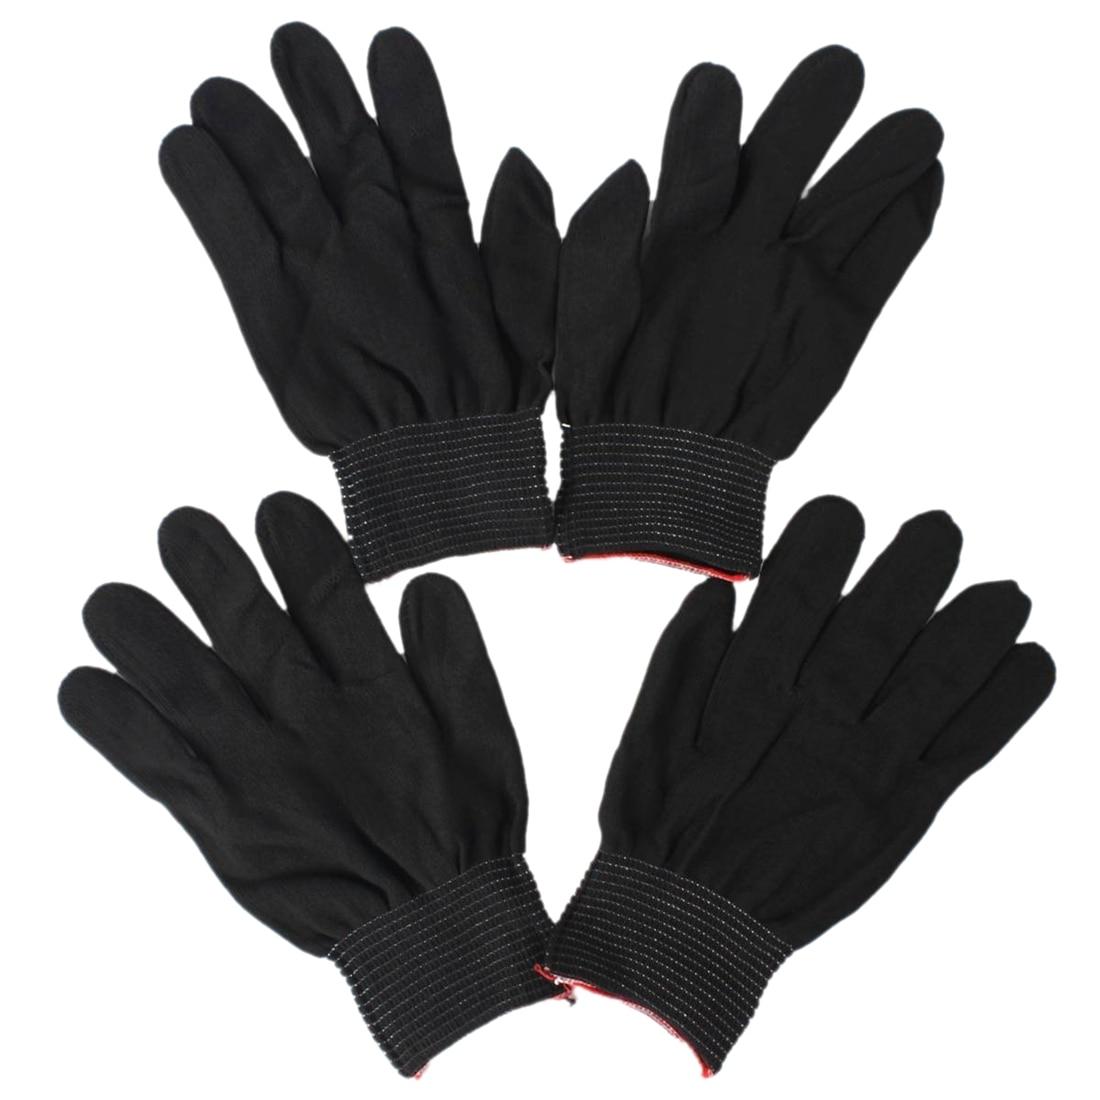 MOOL 2 pair of antistatic nylon work gloves nylon gloves, black цена